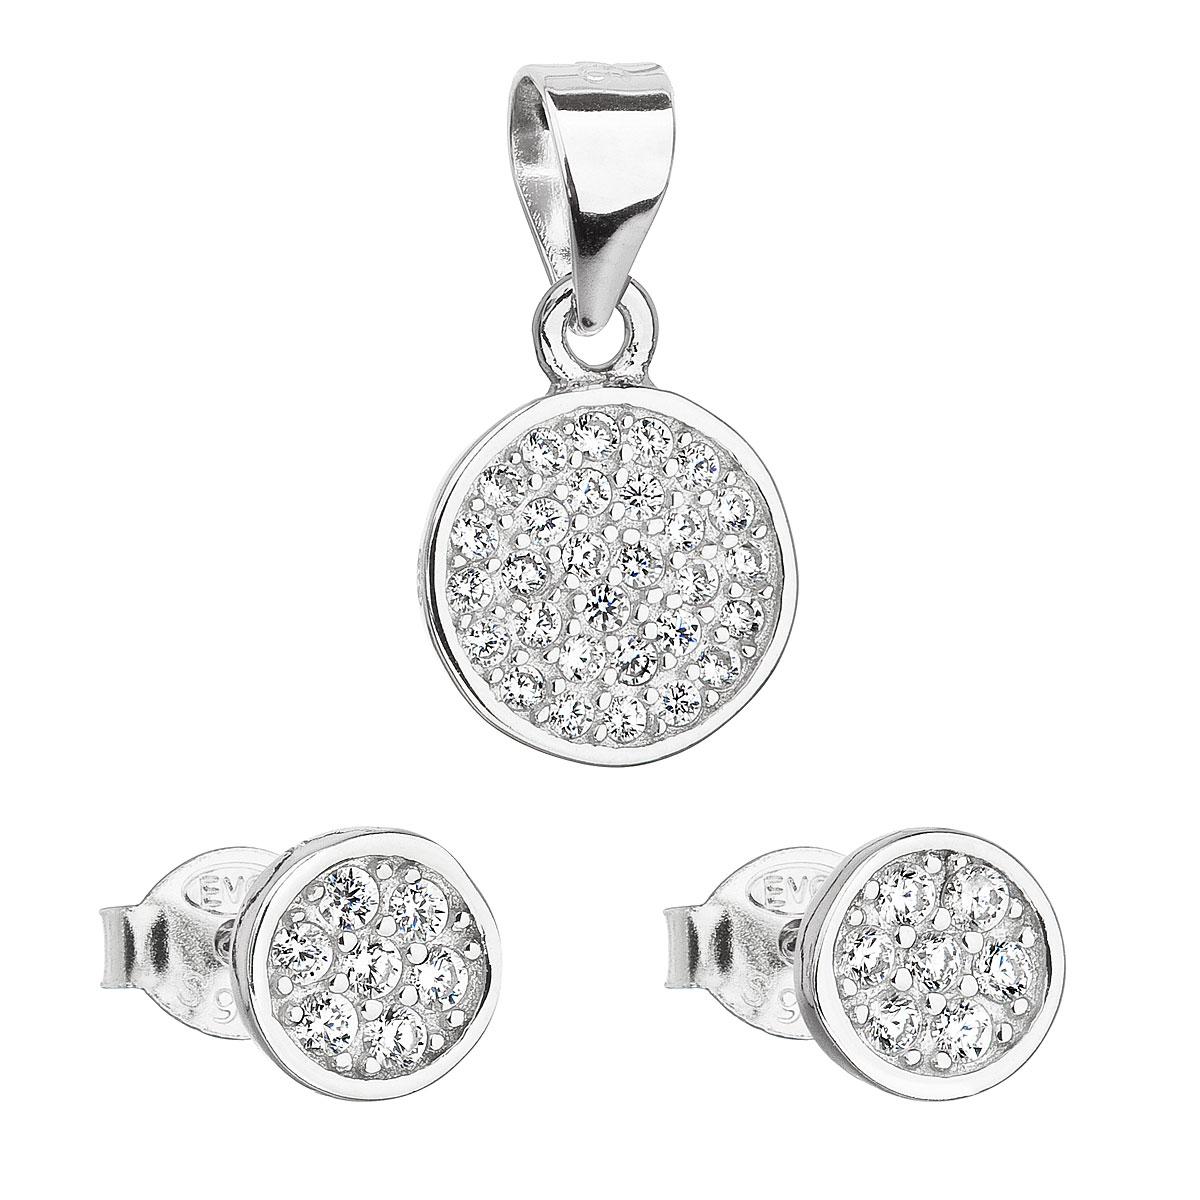 Sada šperků se zirkonem v bílé barvě náušnice a přívěsek 19020.1